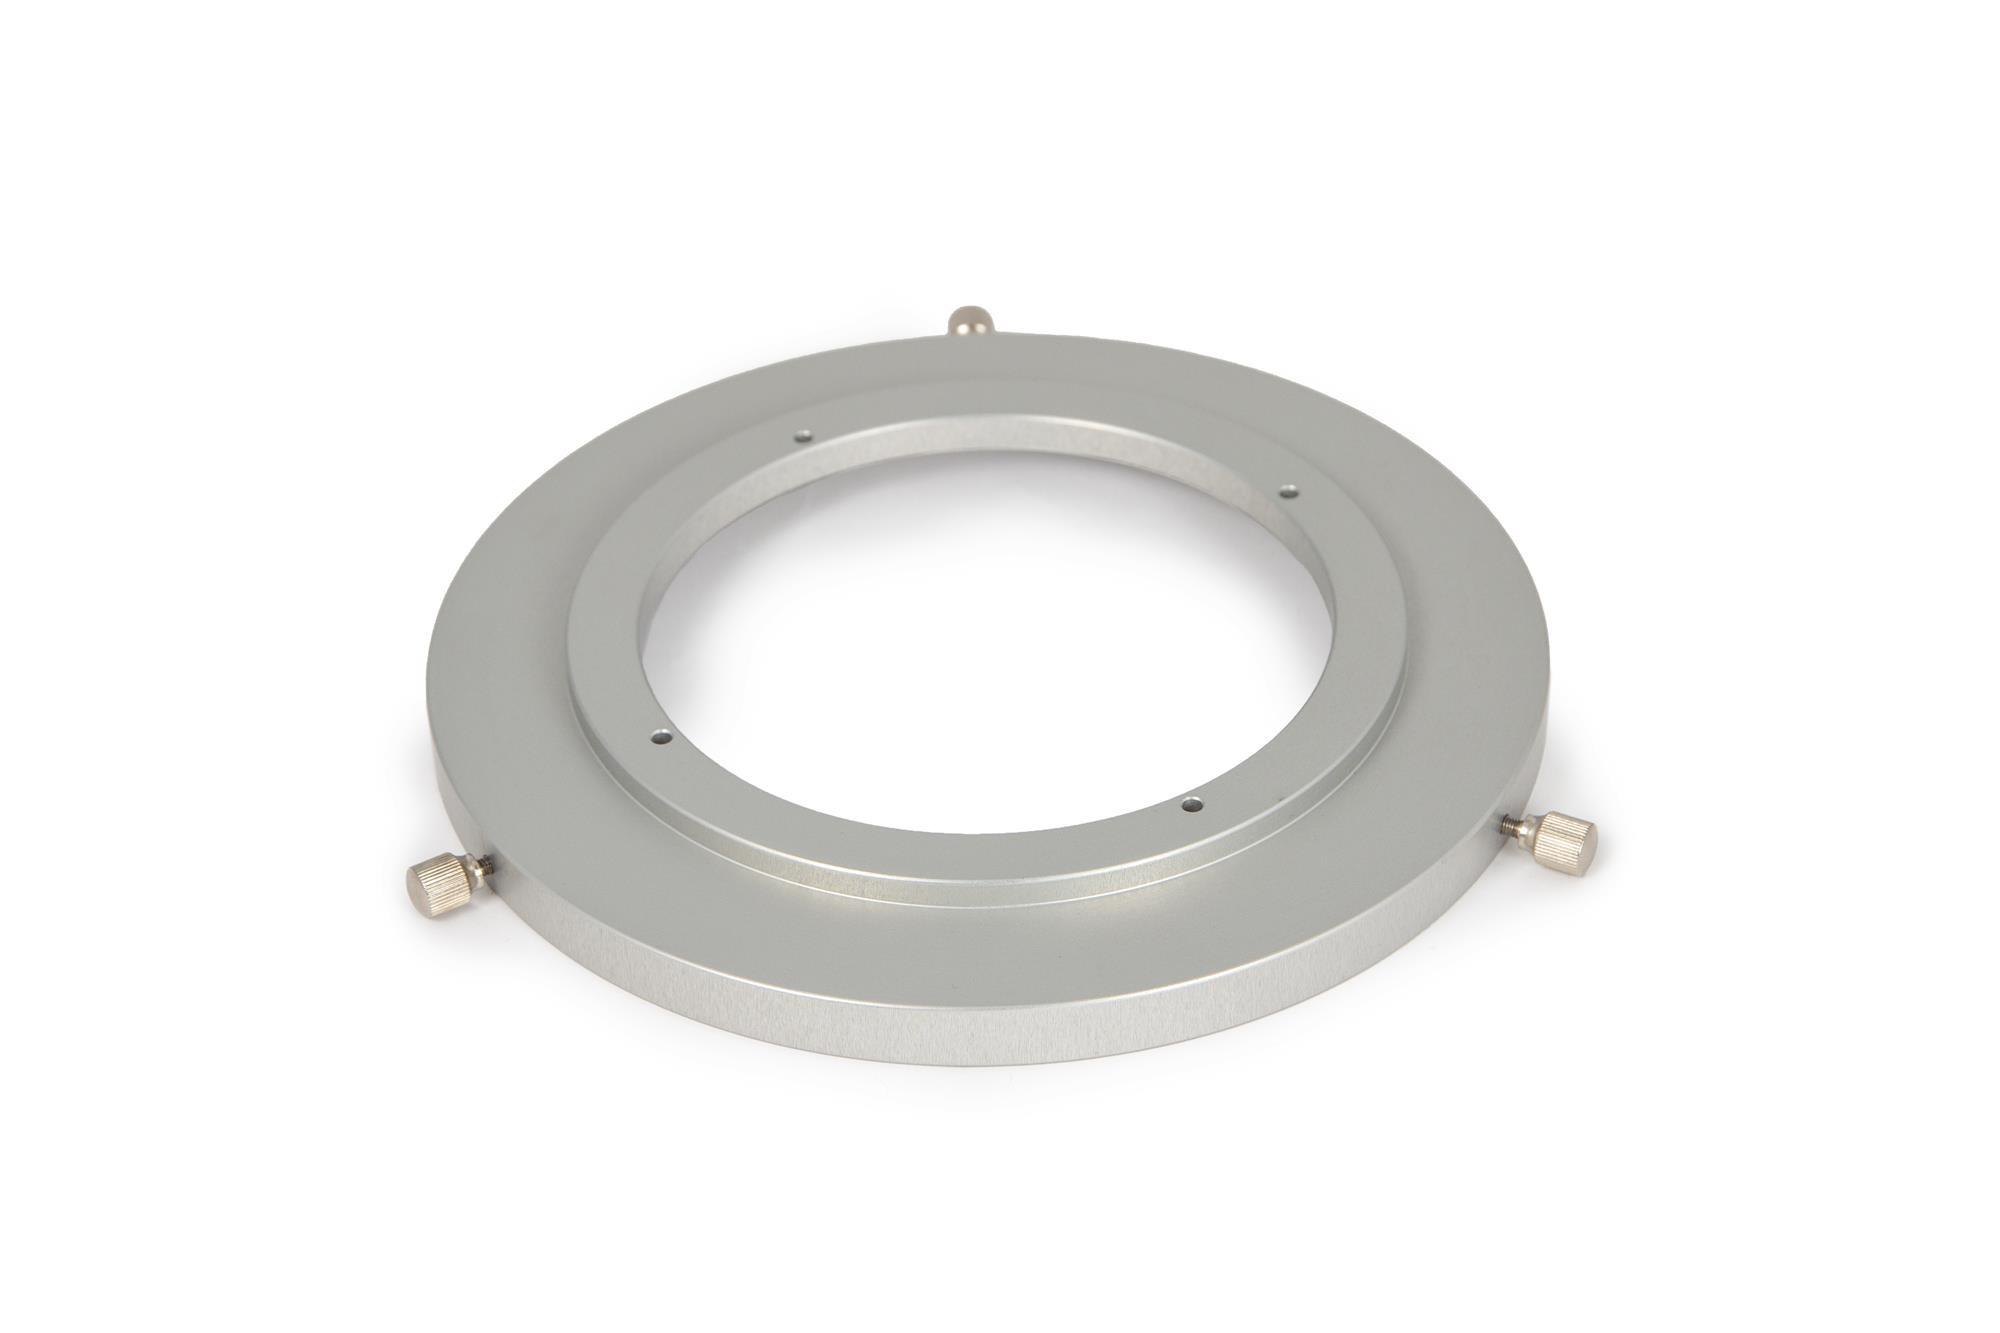 Abnehmbare Sonnenirisblenden-Halterung für D-ERF 135 - 160 Filter-Fassungen